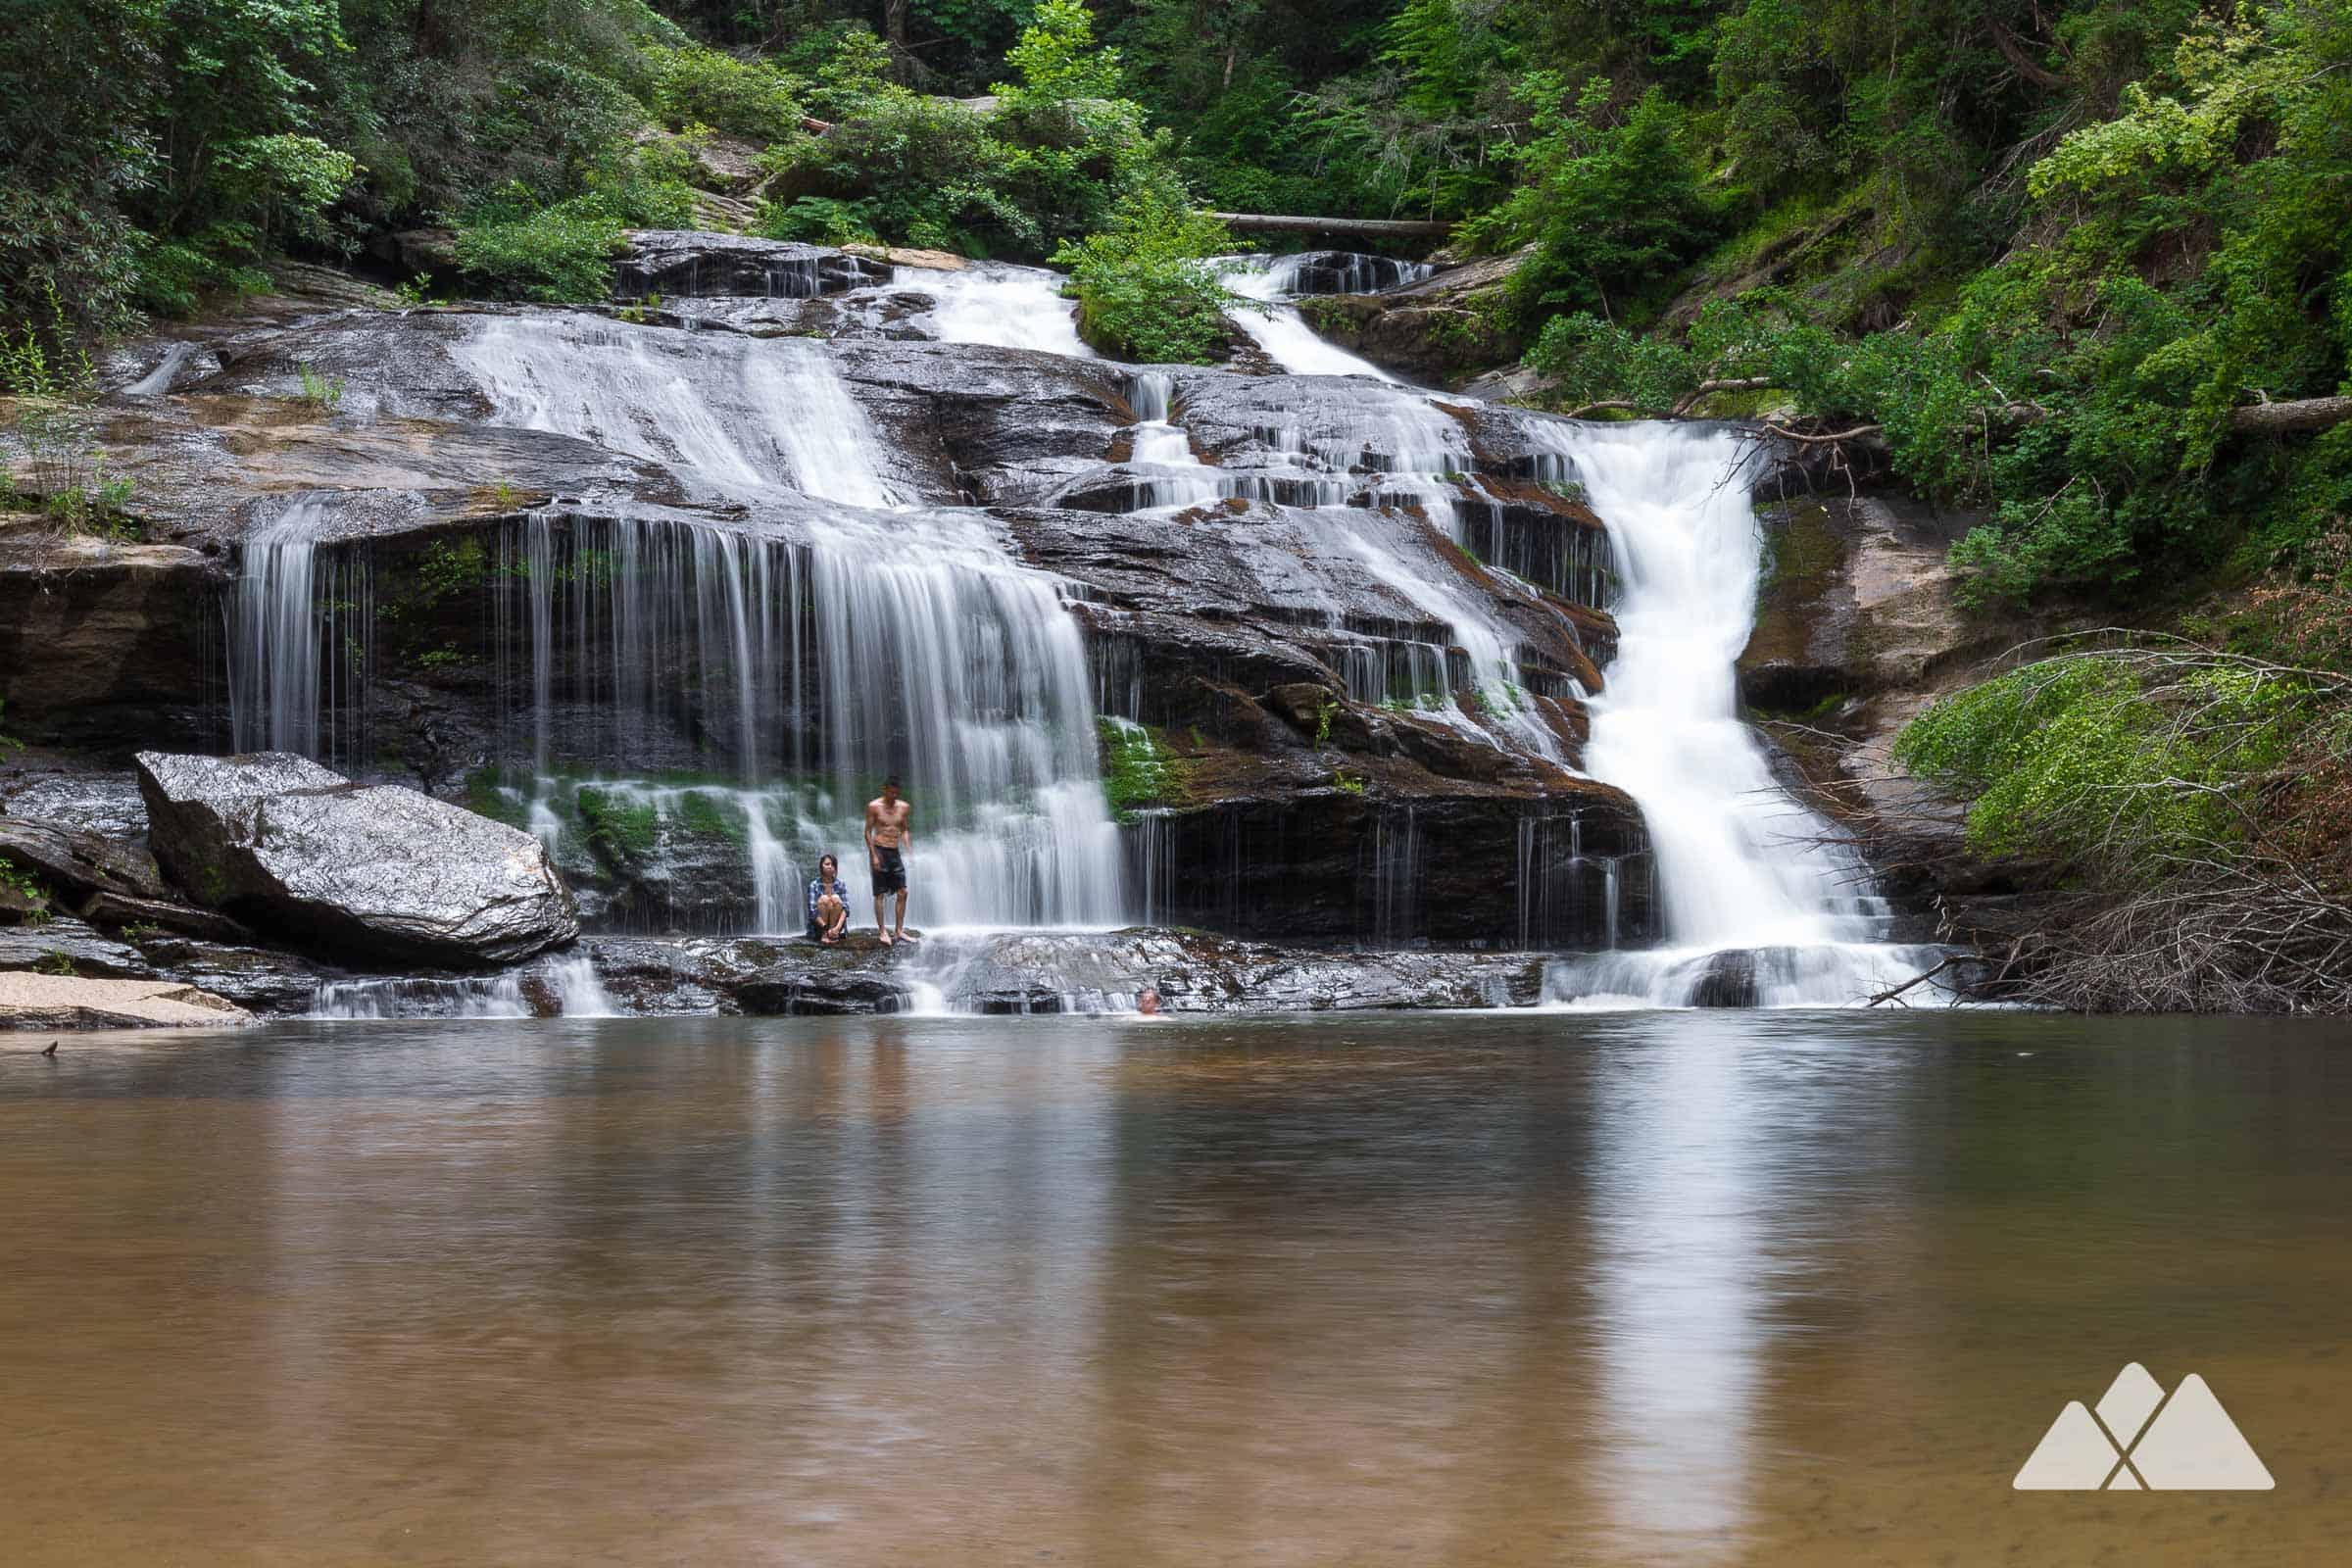 Panther Creek Trail: Hiking to Panther Creek Falls